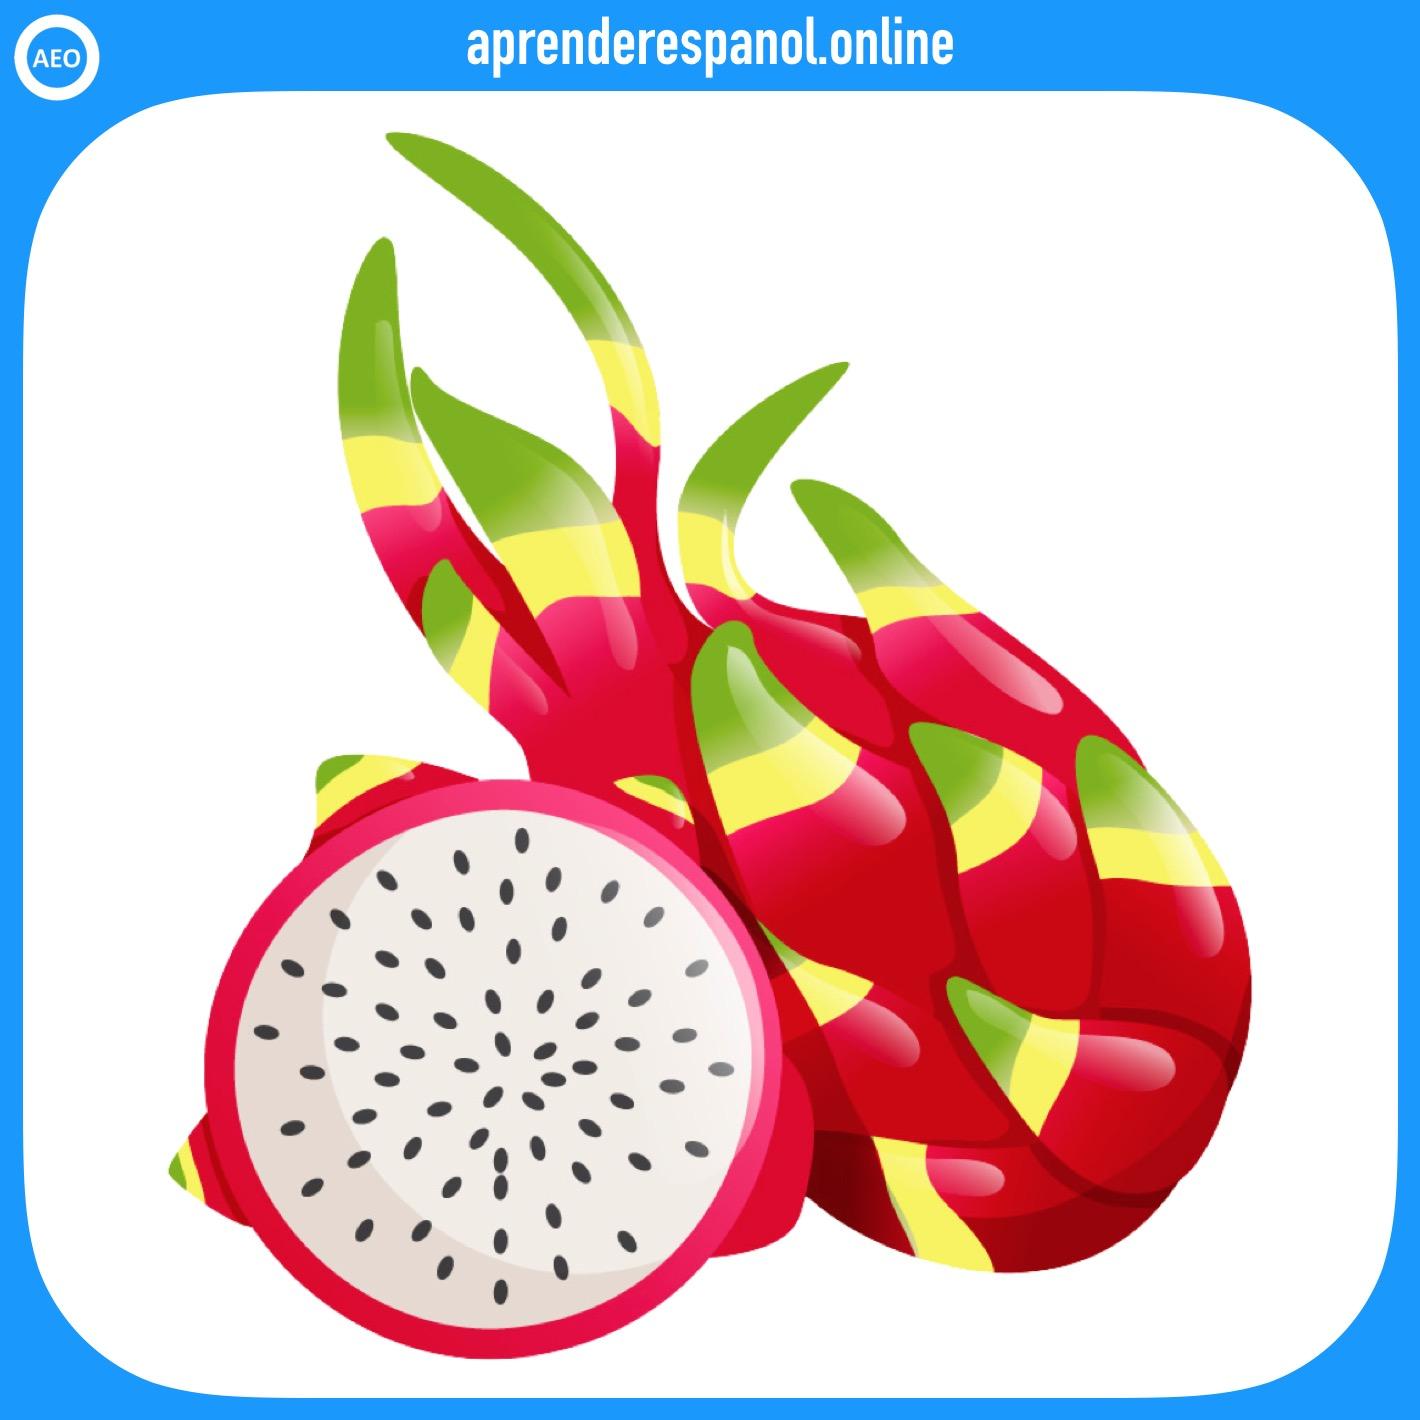 pitahaya - frutas en español - vocabulario de las frutas en español